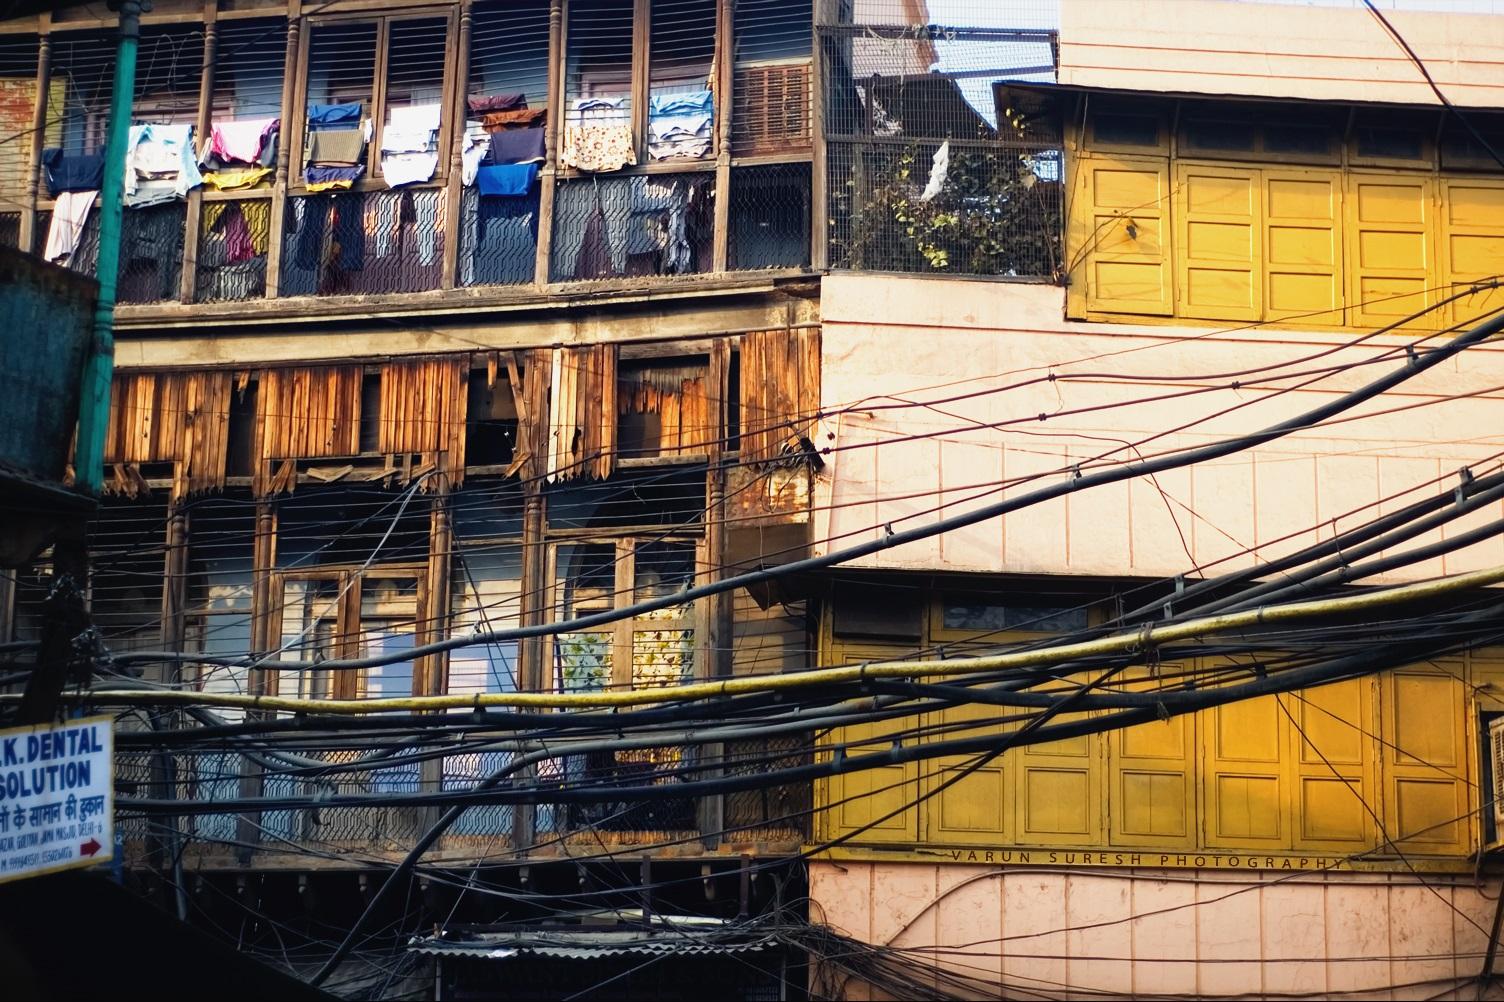 New Delhi. Flickr - Varun Suresh.